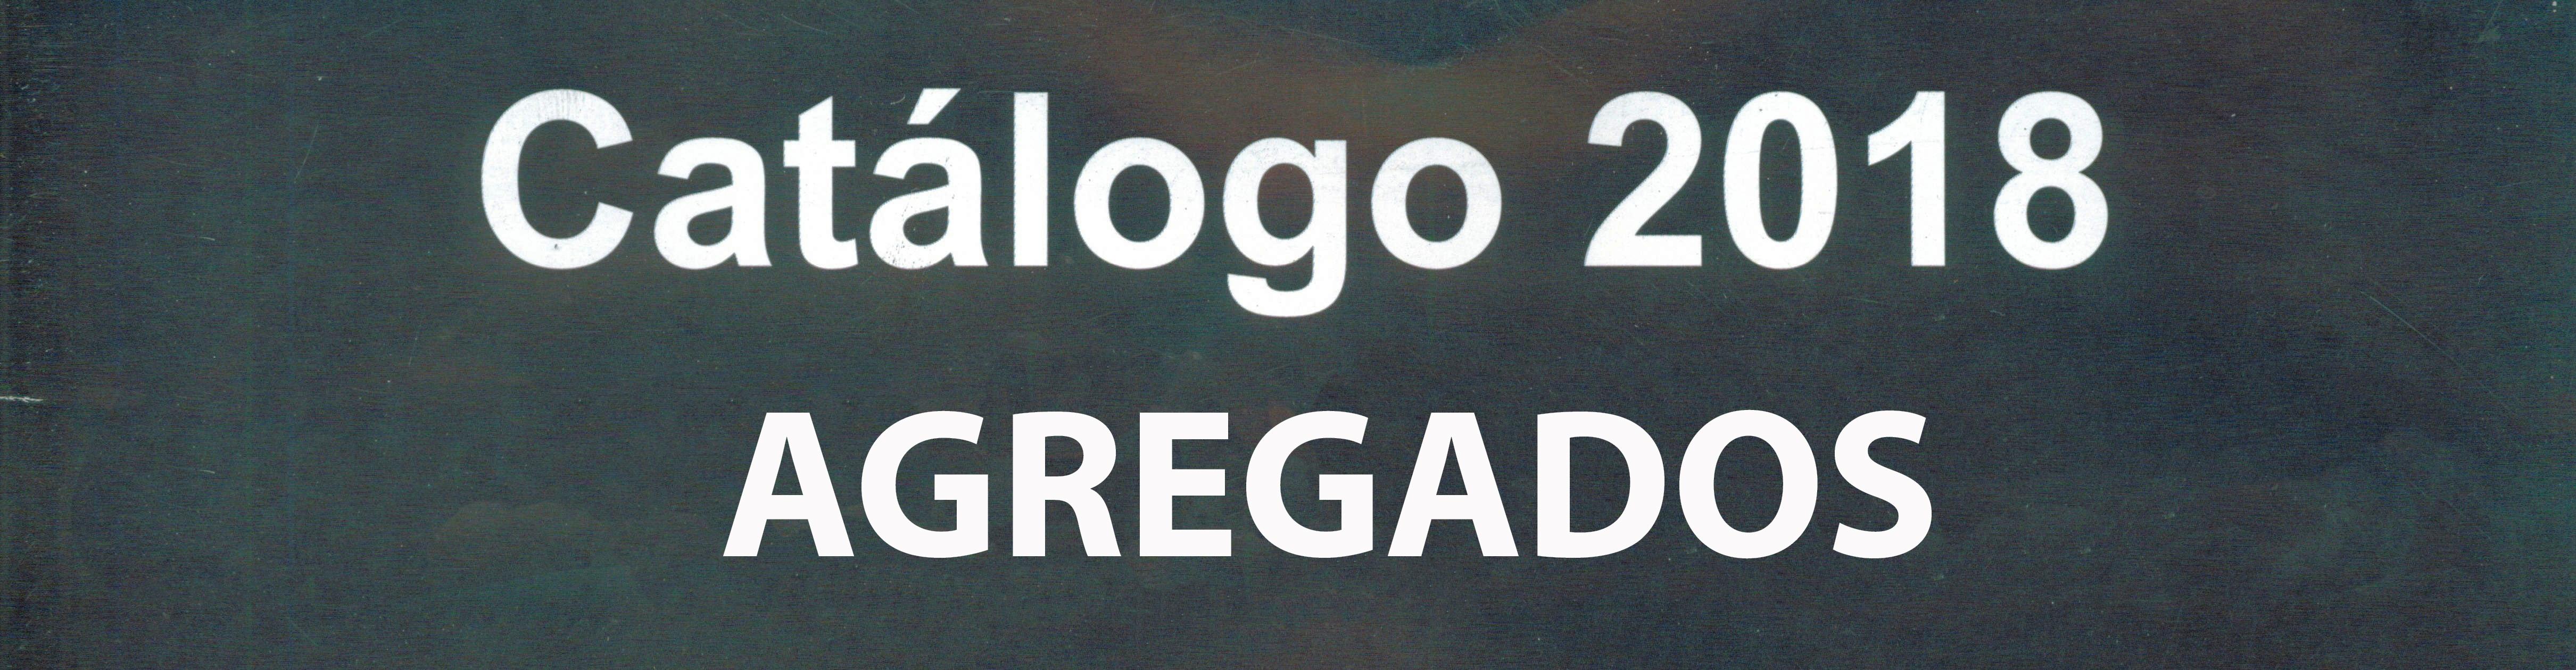 AGREGADOS CATALOGO 2018 (OCTUBRE 2019) (2)